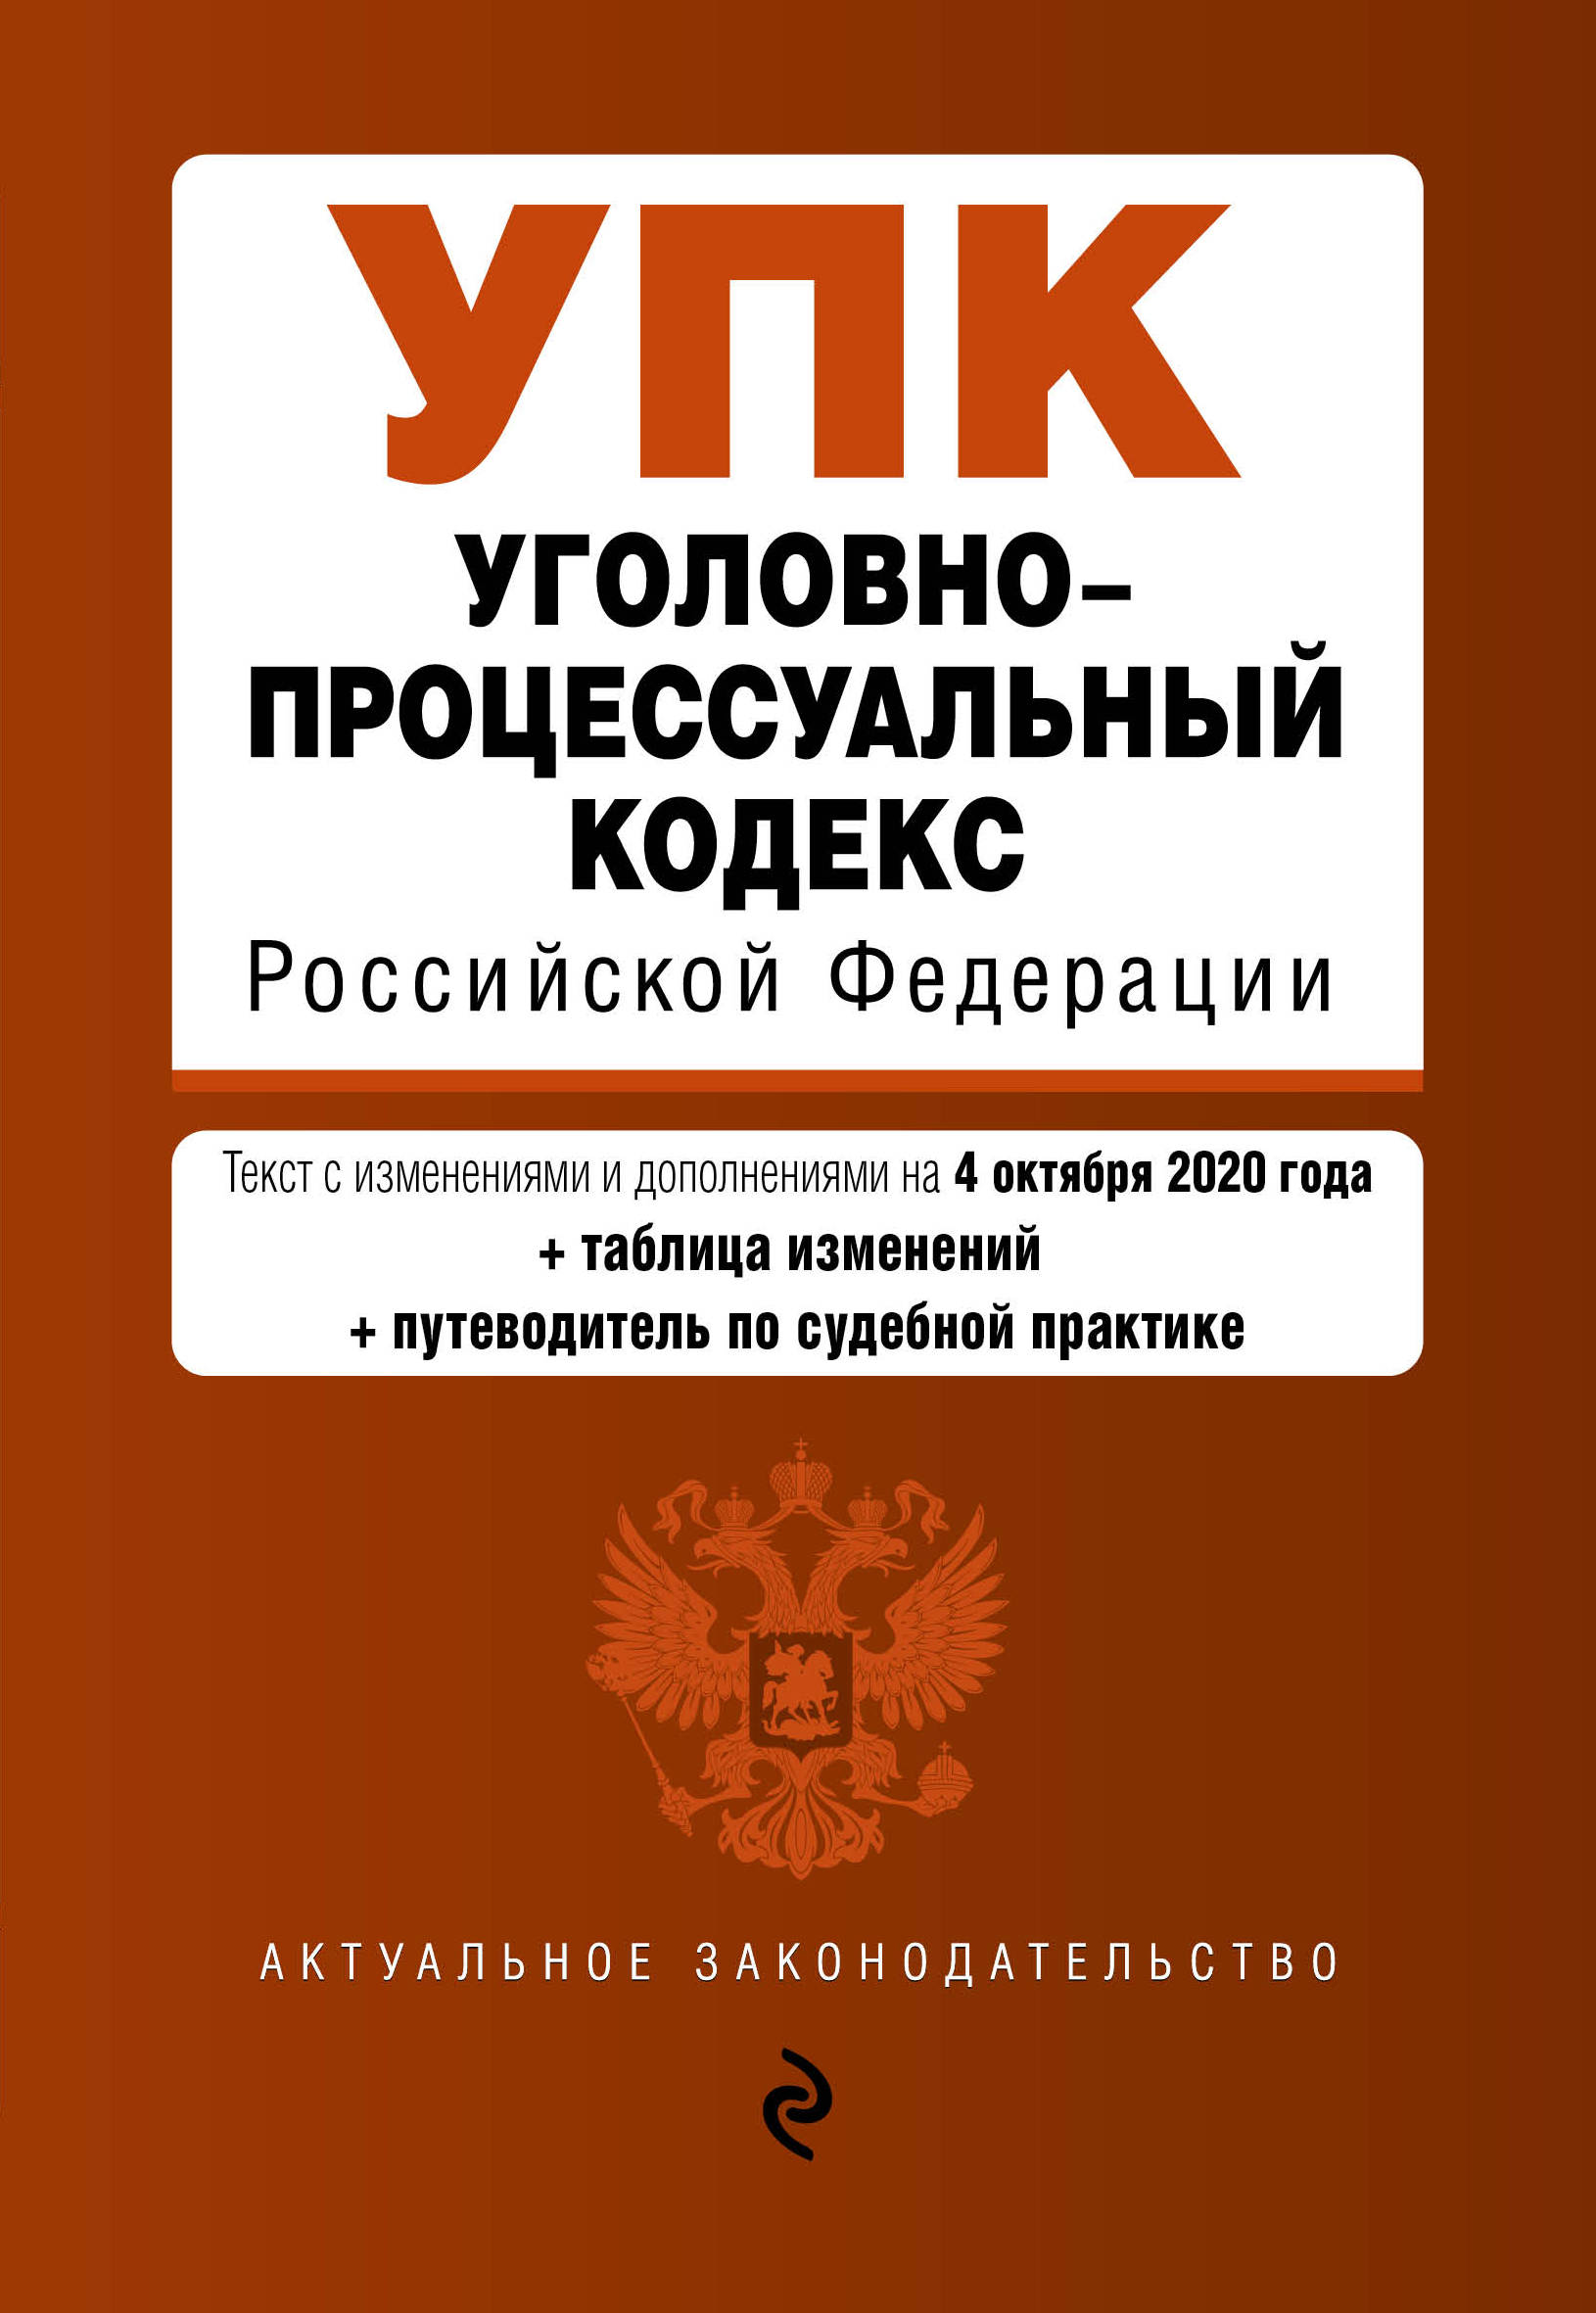 Уголовно-процессуальный кодекс Российской Федерации. Текст с изм. и доп. на 4 октября 2020